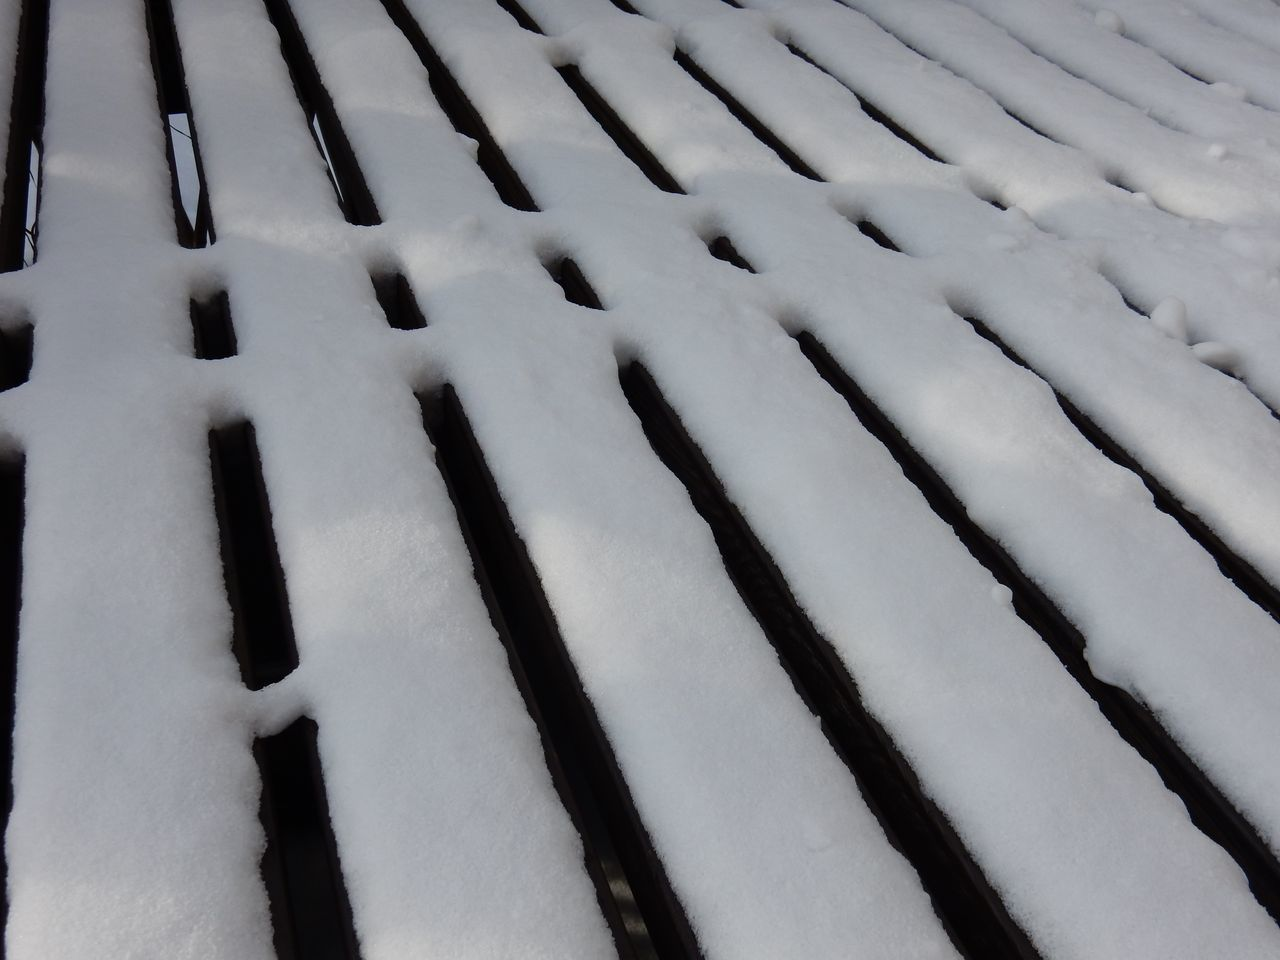 昨日よりはほんのちょっとだけ暖かくなったようです_c0025115_21462353.jpg